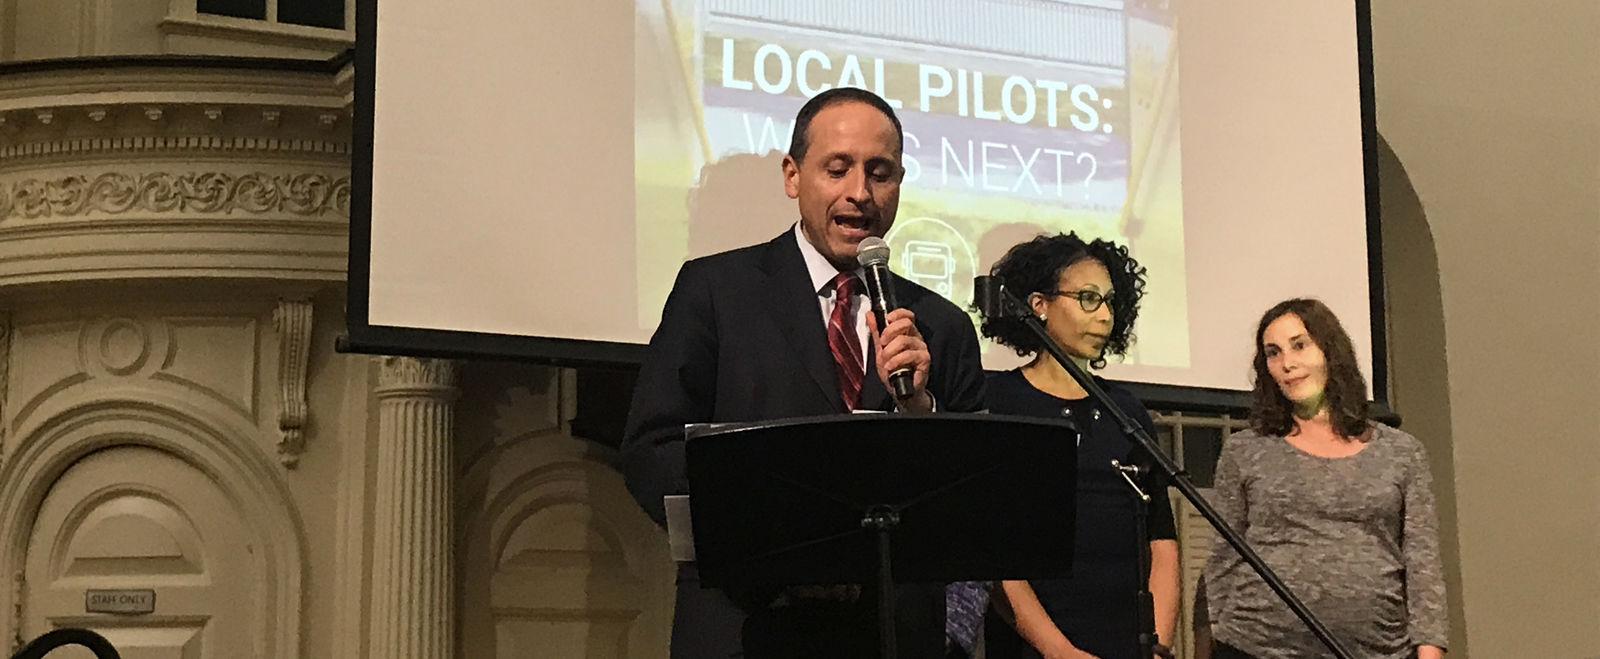 BosBRT Pilot Announcement